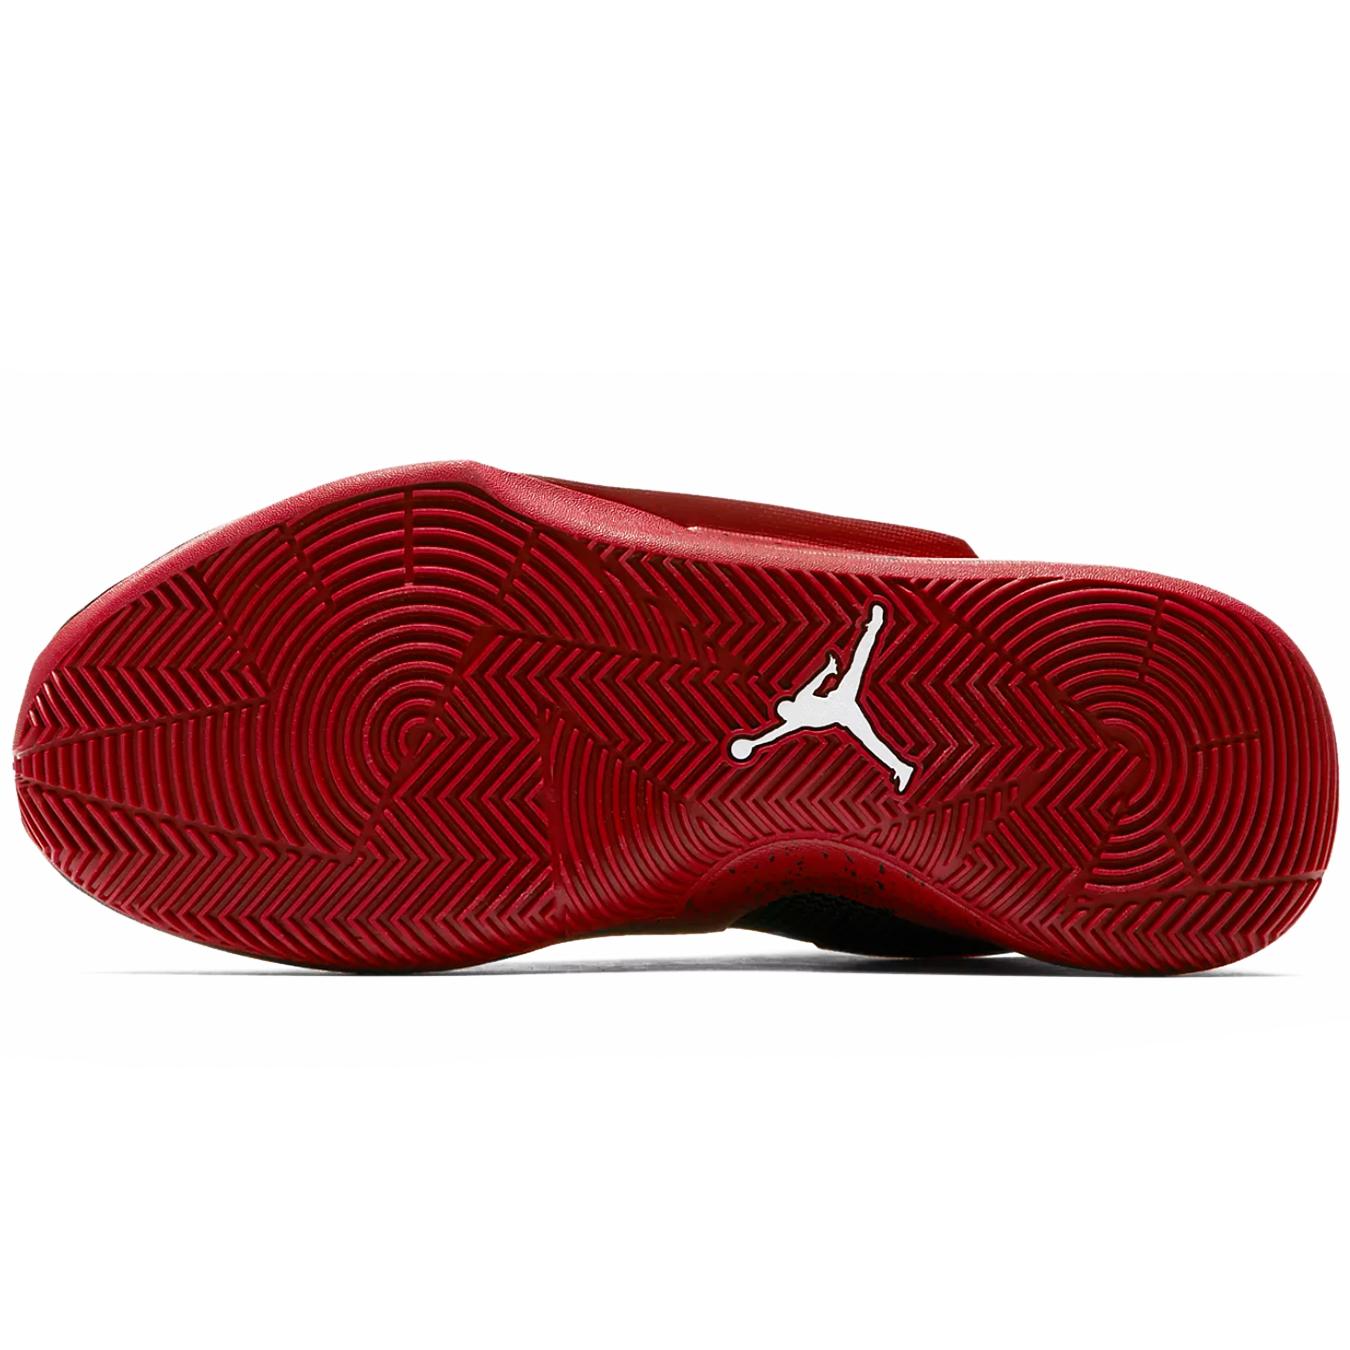 timeless design 53e06 075cb Jordan Fly Lockdown Herren Basketballschuhe schwarz rot AJ9499 023 – Bild 4